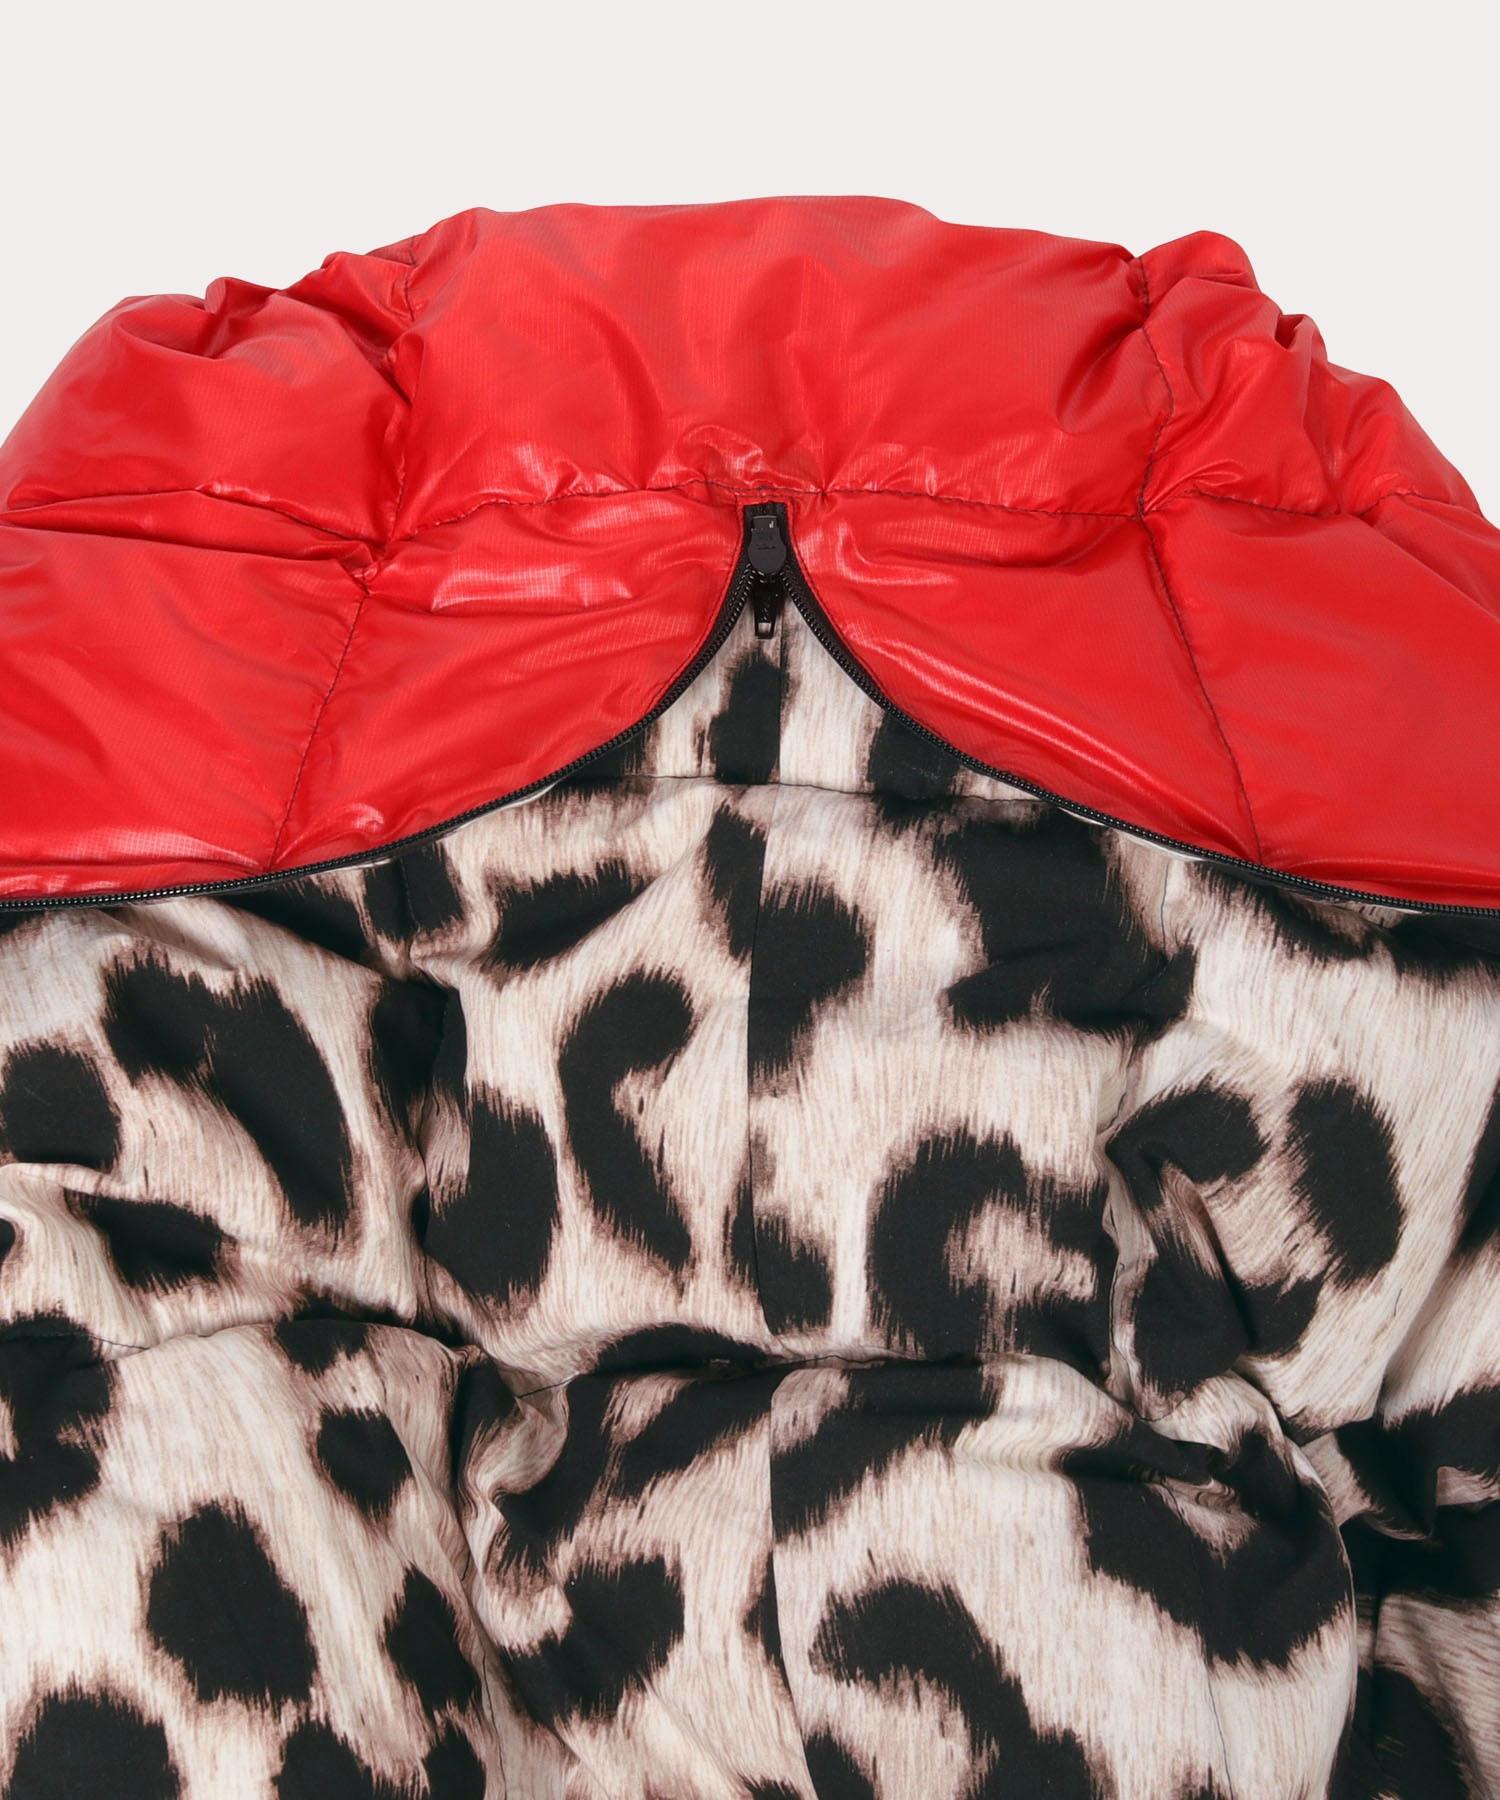 Vivienne Westwood RED LABEL×NANGA アバランチ ジャケット